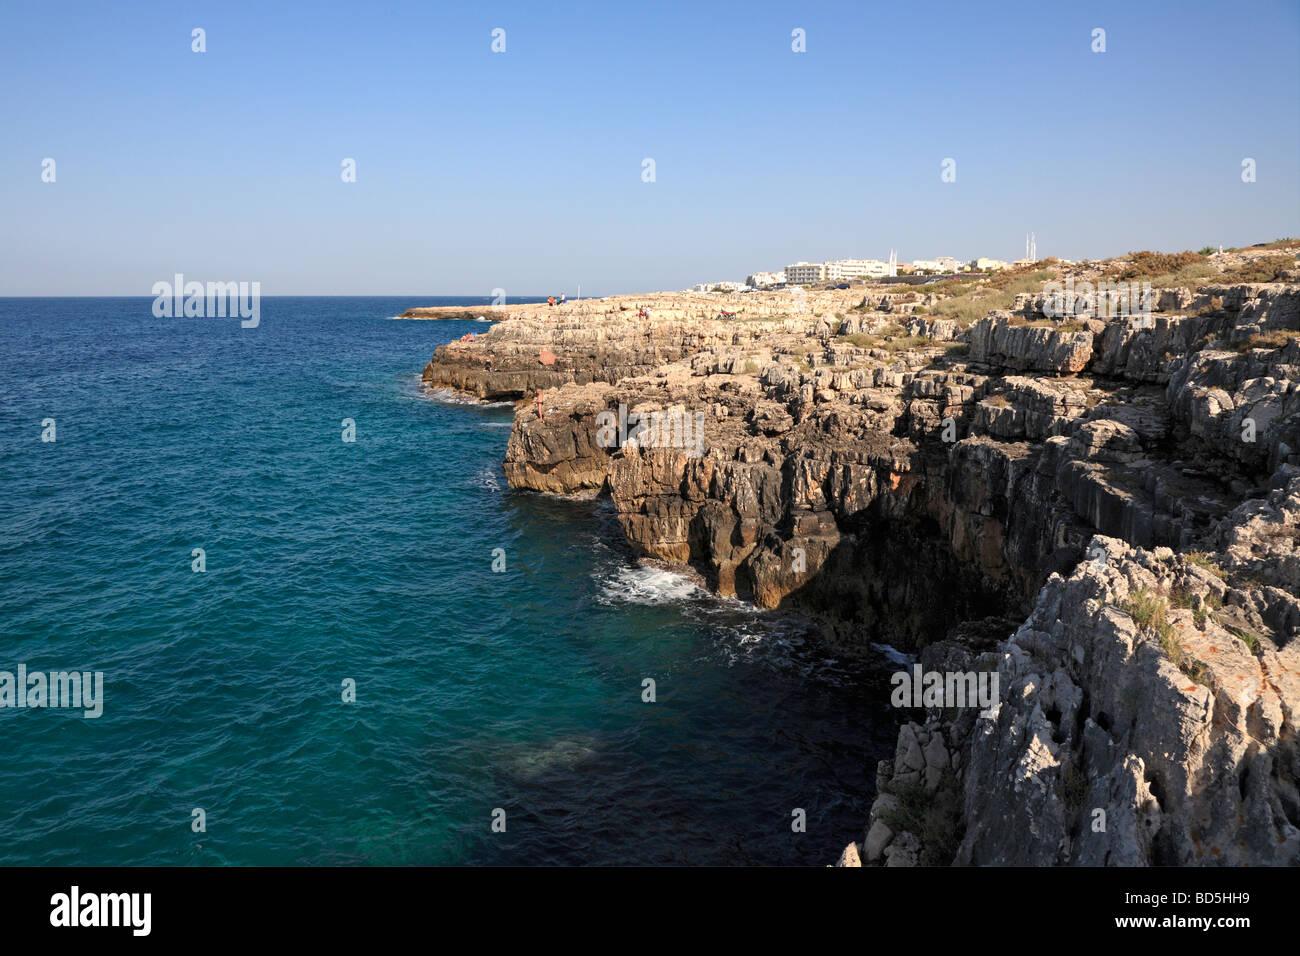 Steep rocky Adriatic coast near Polignano di Mare, Puglia, Italy. - Stock Image